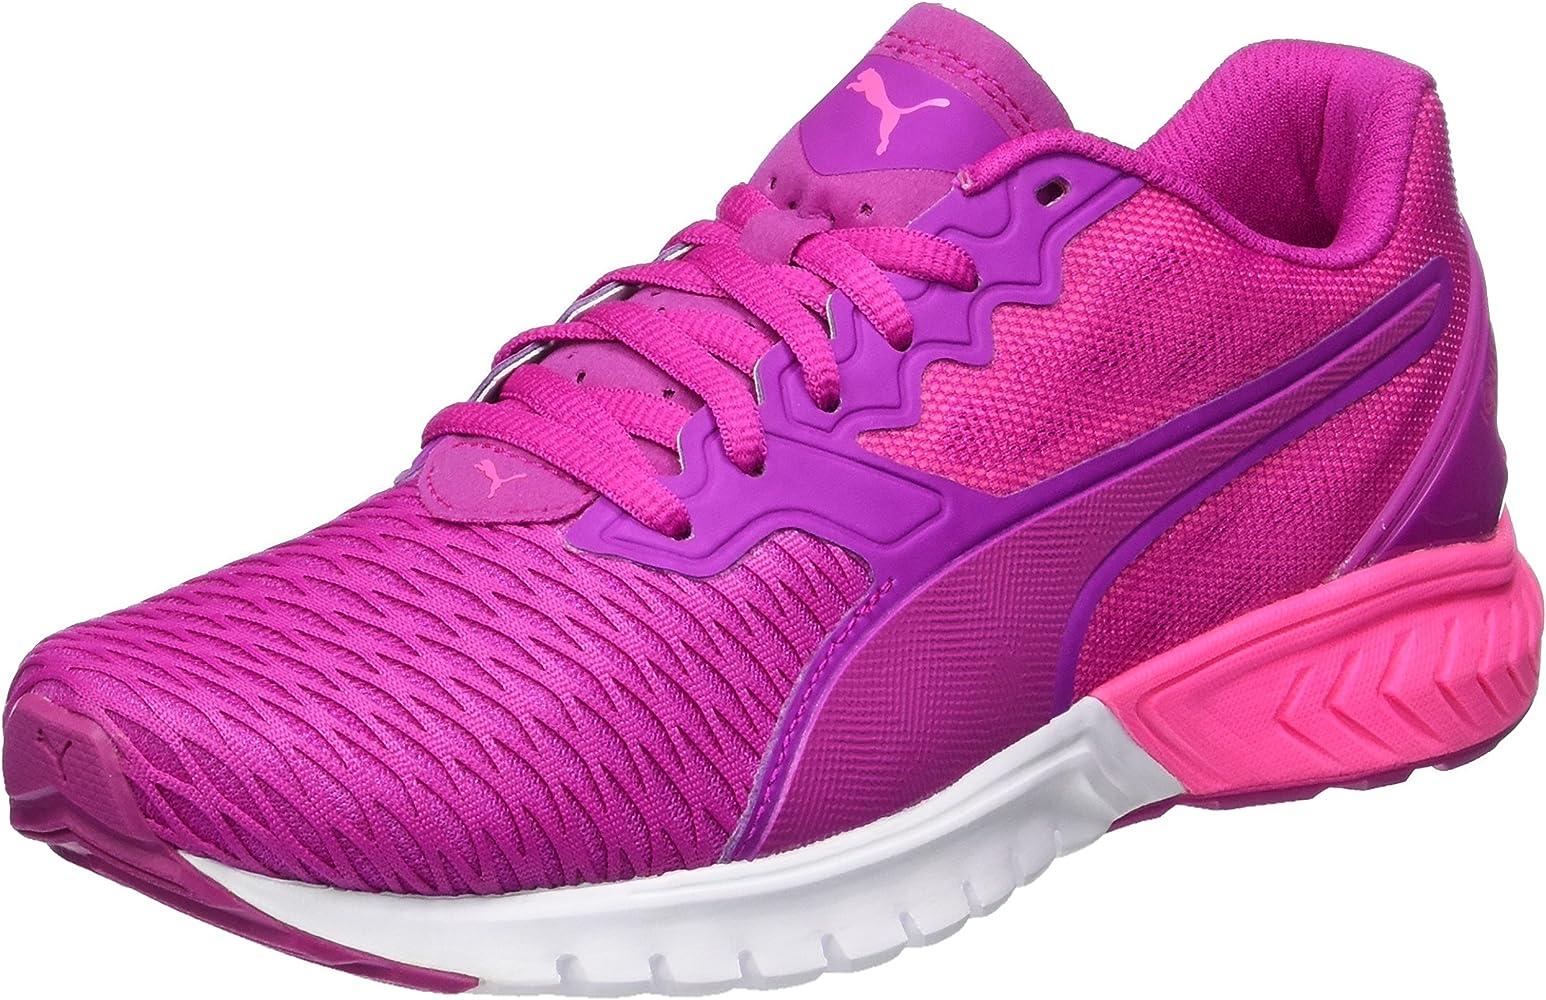 puma ignite mujer running